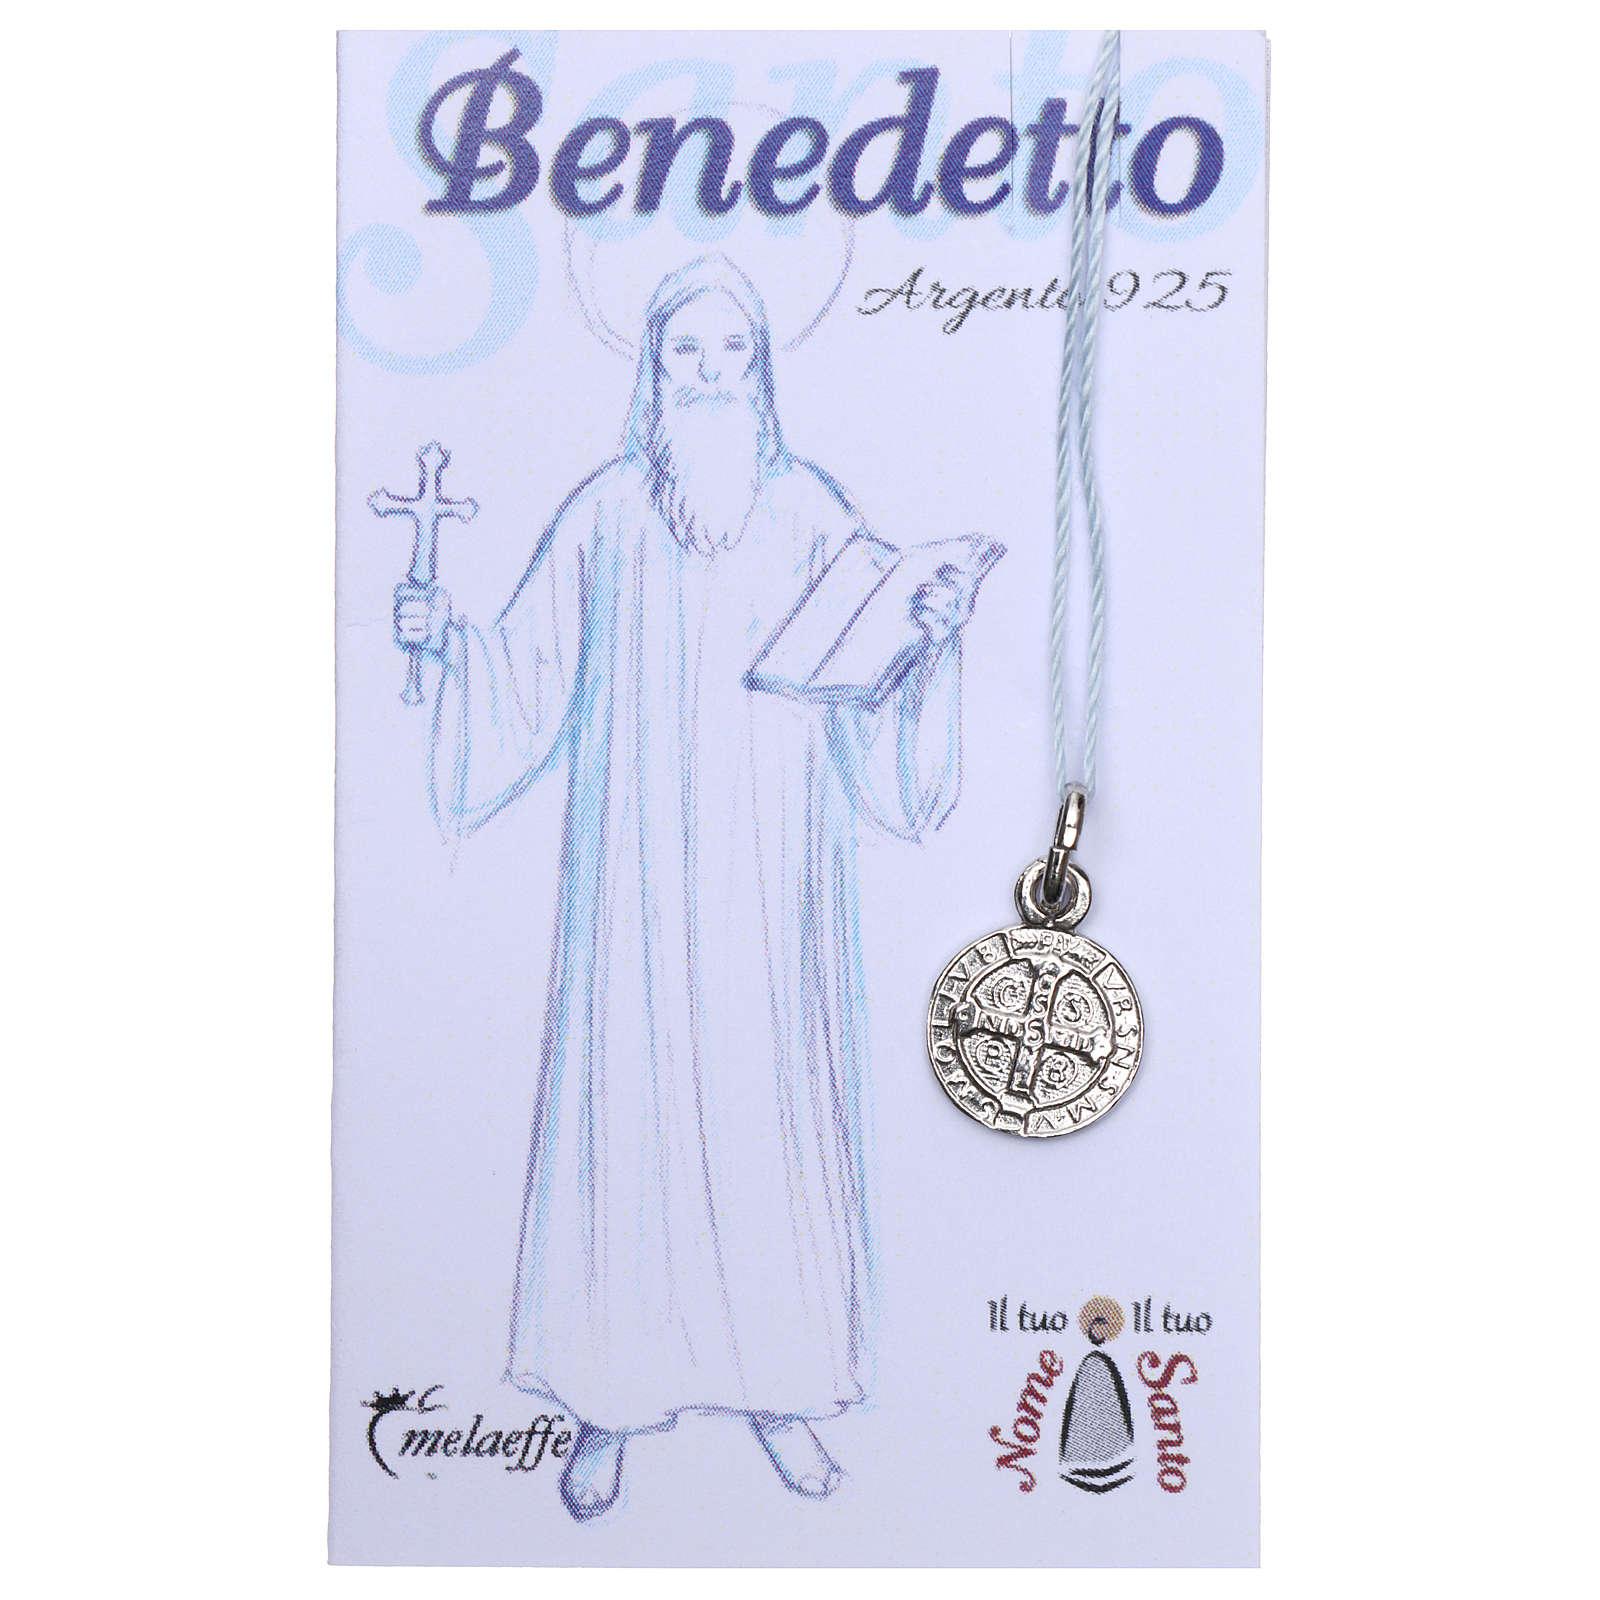 Médaille St Benoît argent 925 rhodié 10 mm 4